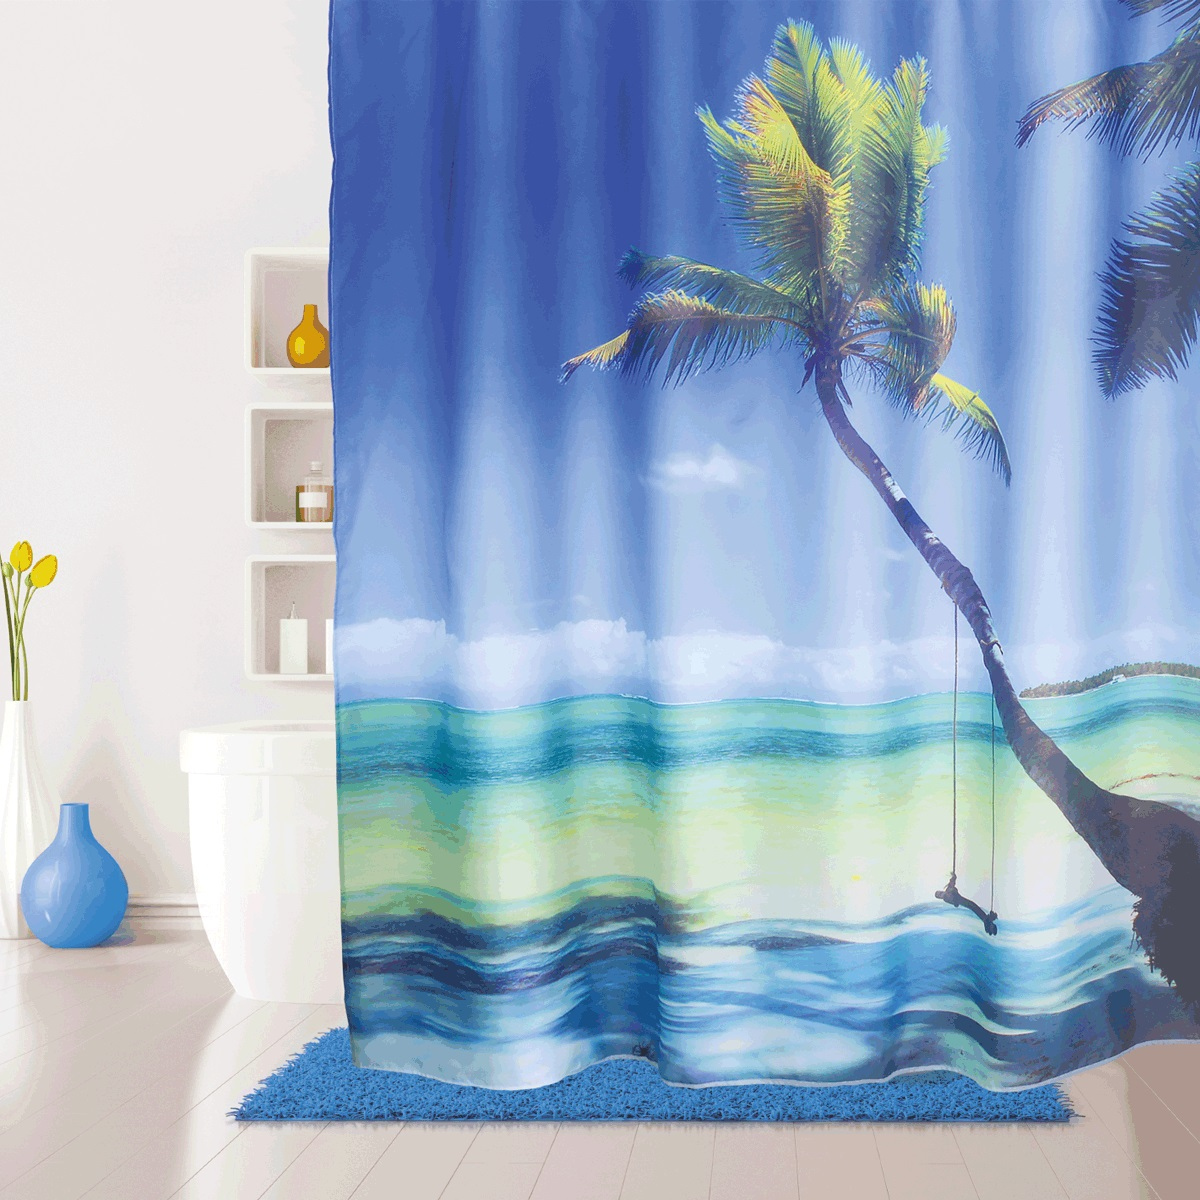 Штора для ванной Iddis Maldivian, цвет: голубой, 180 x 200 см630P18Ri11Штора для ванной комнаты Iddis выполнена из быстросохнущего материала - 100% полиэстера, что обеспечивает прочность изделия и легкость ухода за ним.Материал шторы пропитан специальным водоотталкивающим составом Waterprof.Изделие изготовлено из экологически-чистого материала, оно обладает высокой степенью гигиеничности, не вызывает аллергических реакций.Штора имеет 12 встроенных колец и утяжеляющую нить.